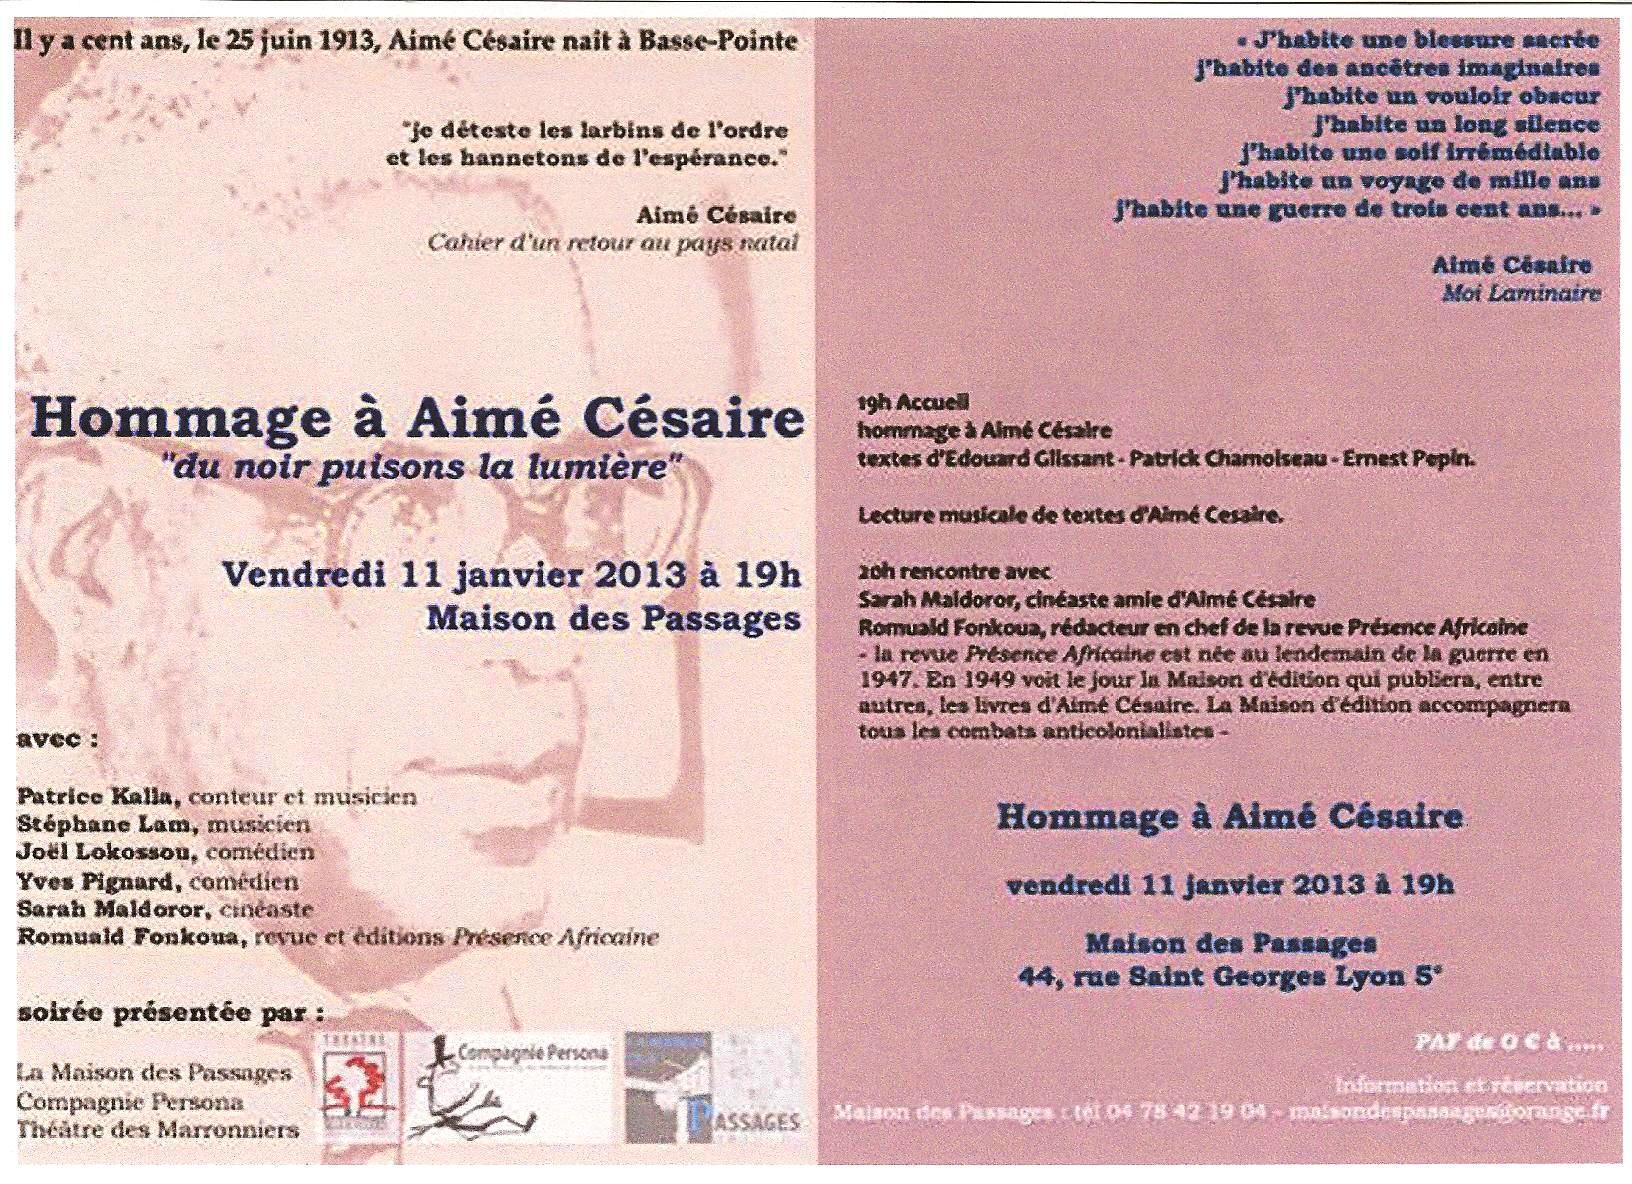 Lecture musicale de textes d'Aimé Césaire au théâtre des Marronniers le 11 janvier 2013